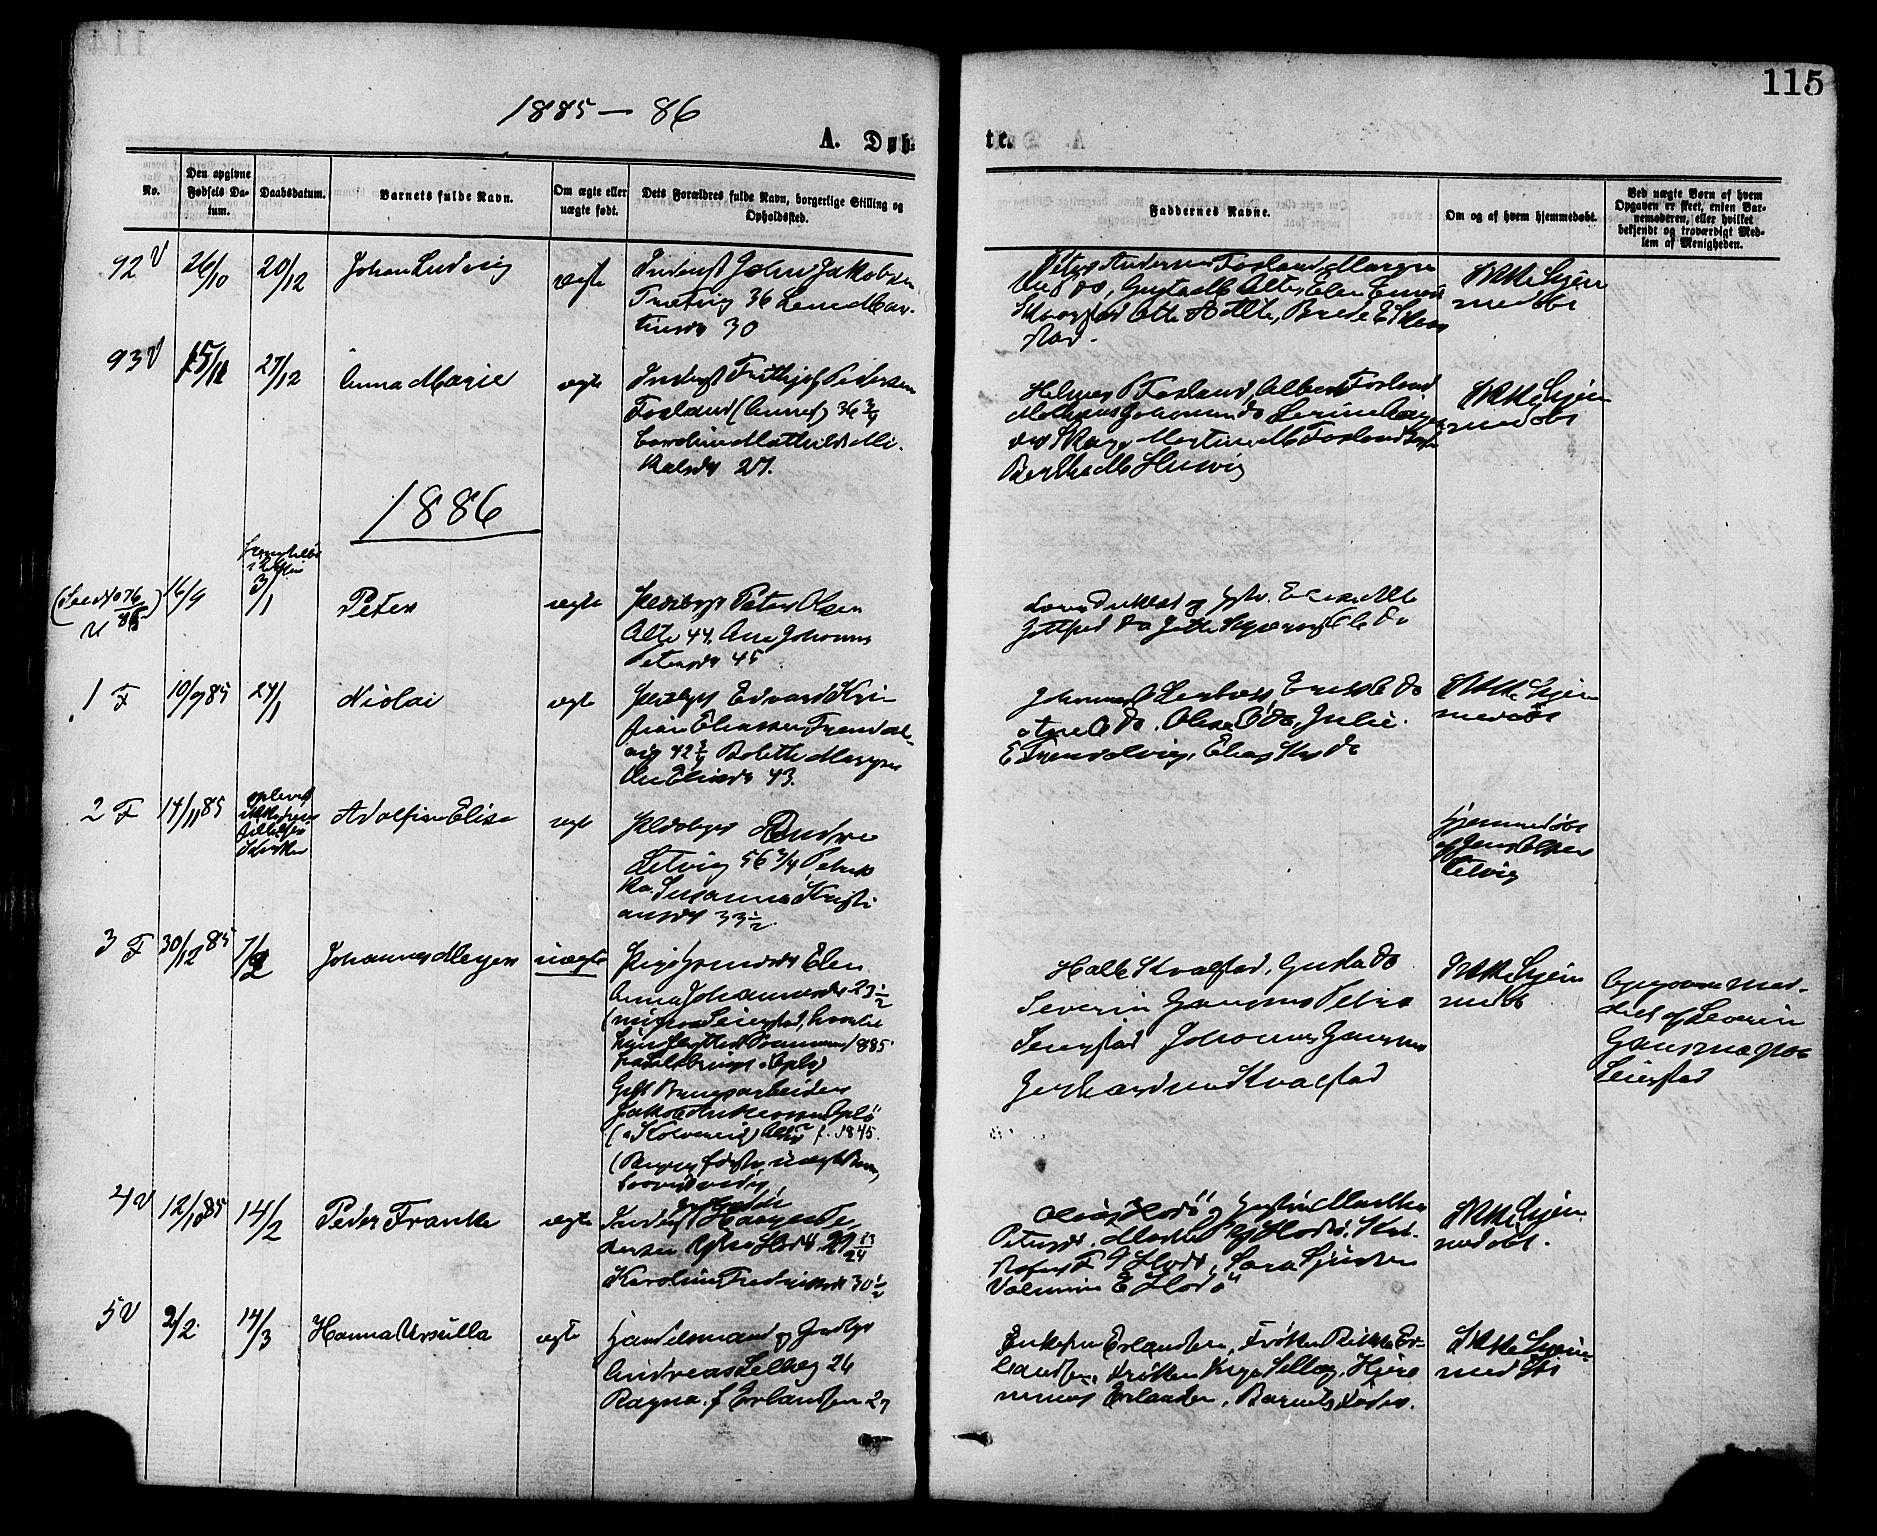 SAT, Ministerialprotokoller, klokkerbøker og fødselsregistre - Nord-Trøndelag, 773/L0616: Ministerialbok nr. 773A07, 1870-1887, s. 115